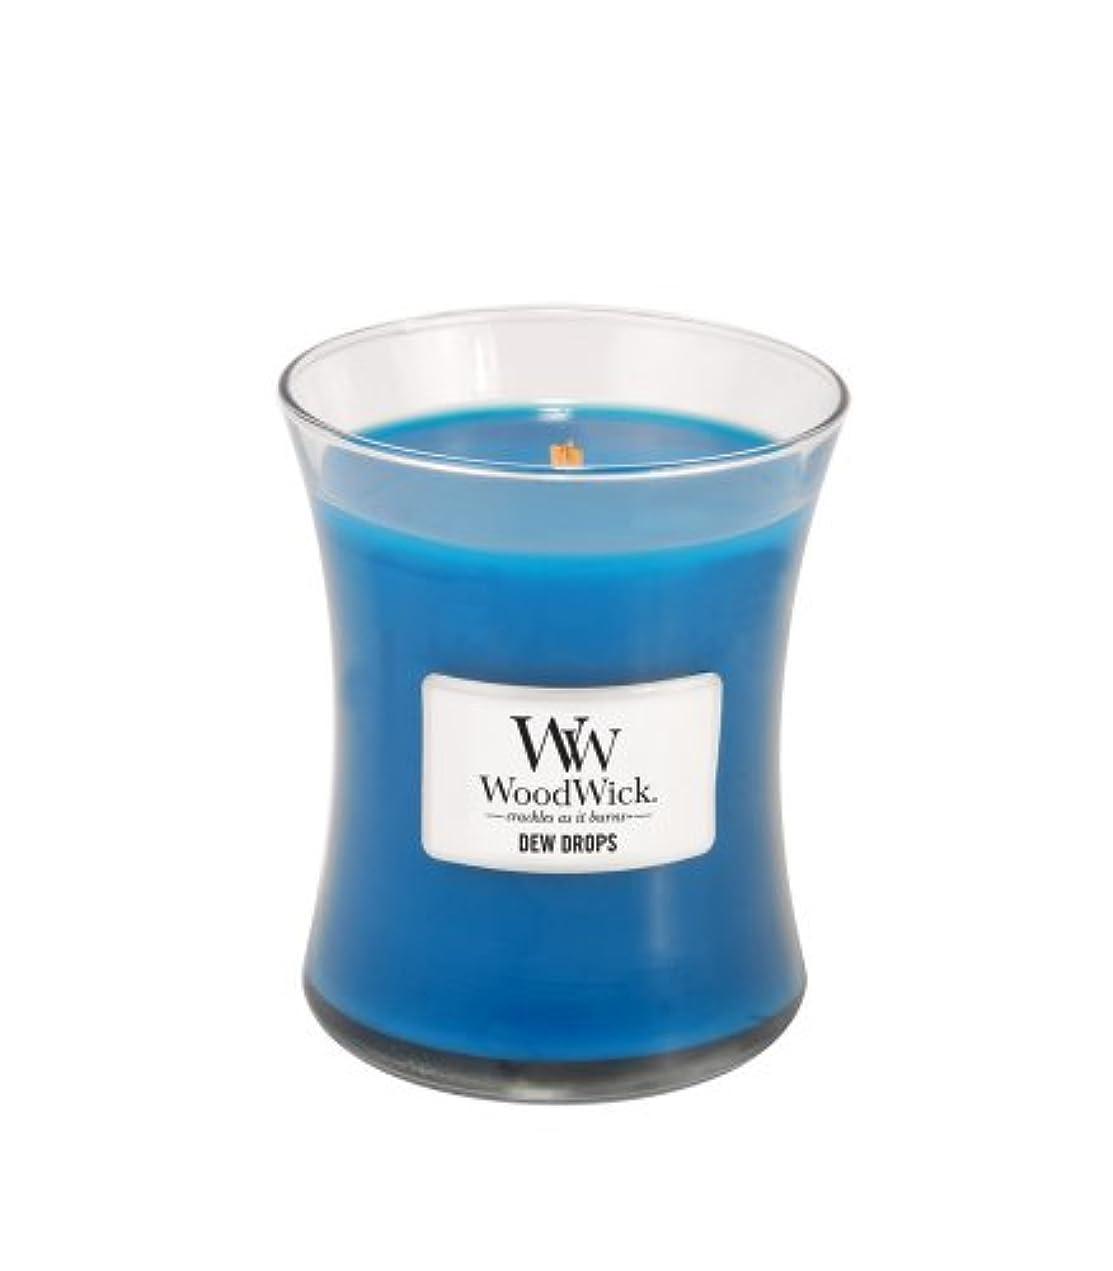 スキッパー太字飢え(Medium) - WoodWick Dew Drops Fragrance Jar Candle, Medium